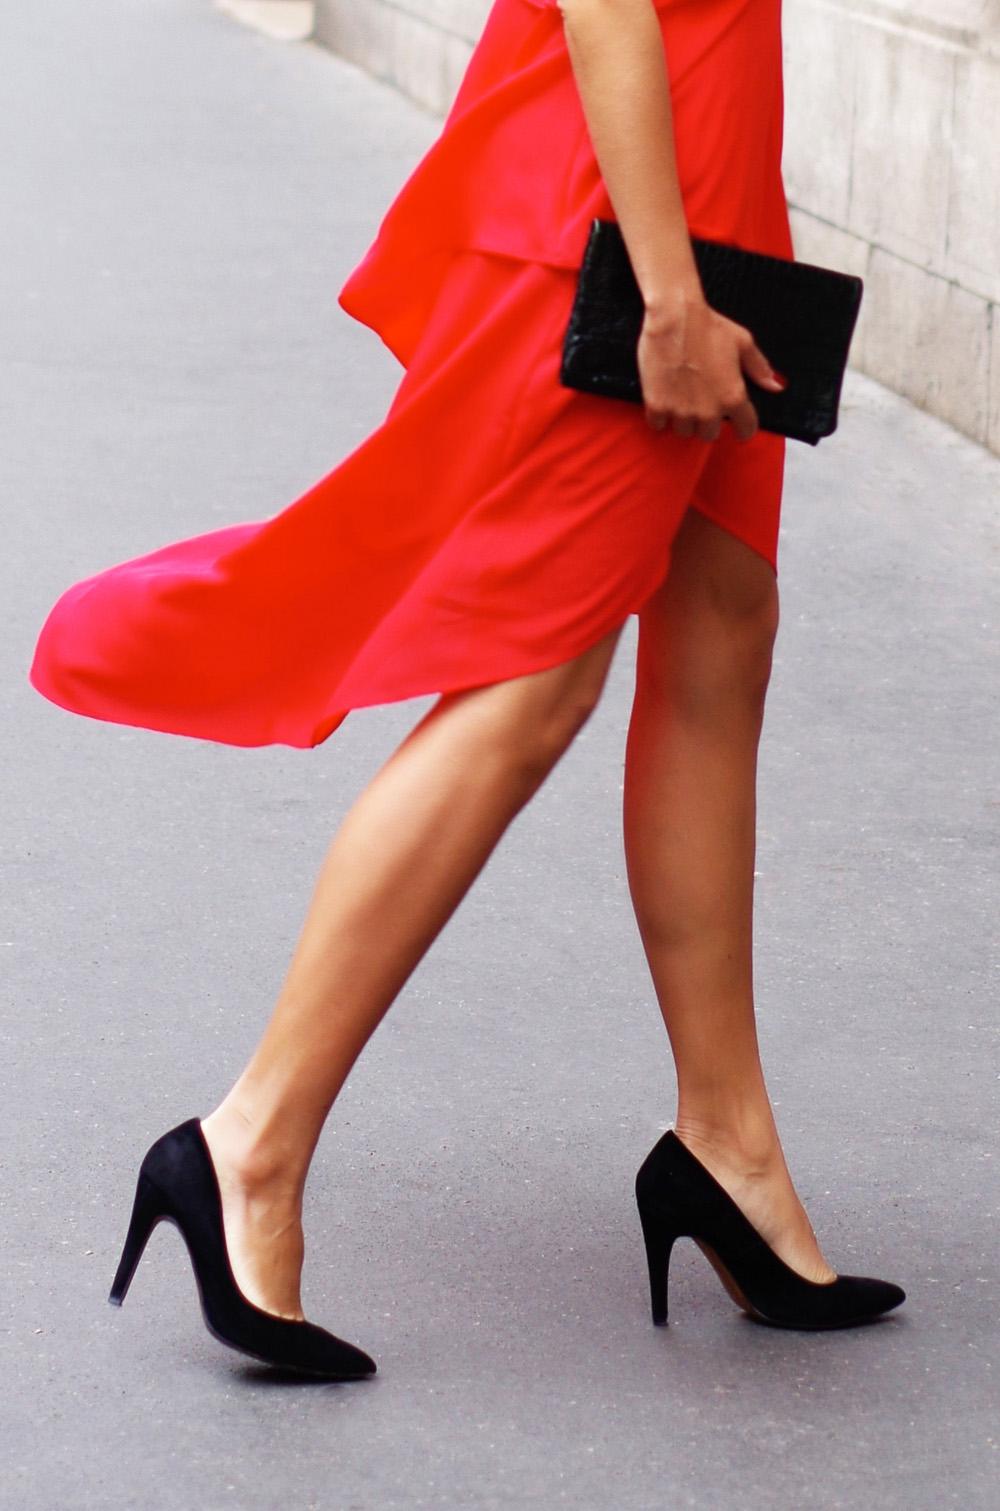 fatimayarie-legs-blackhighheels-coral-summerdress-abro-imgp0751